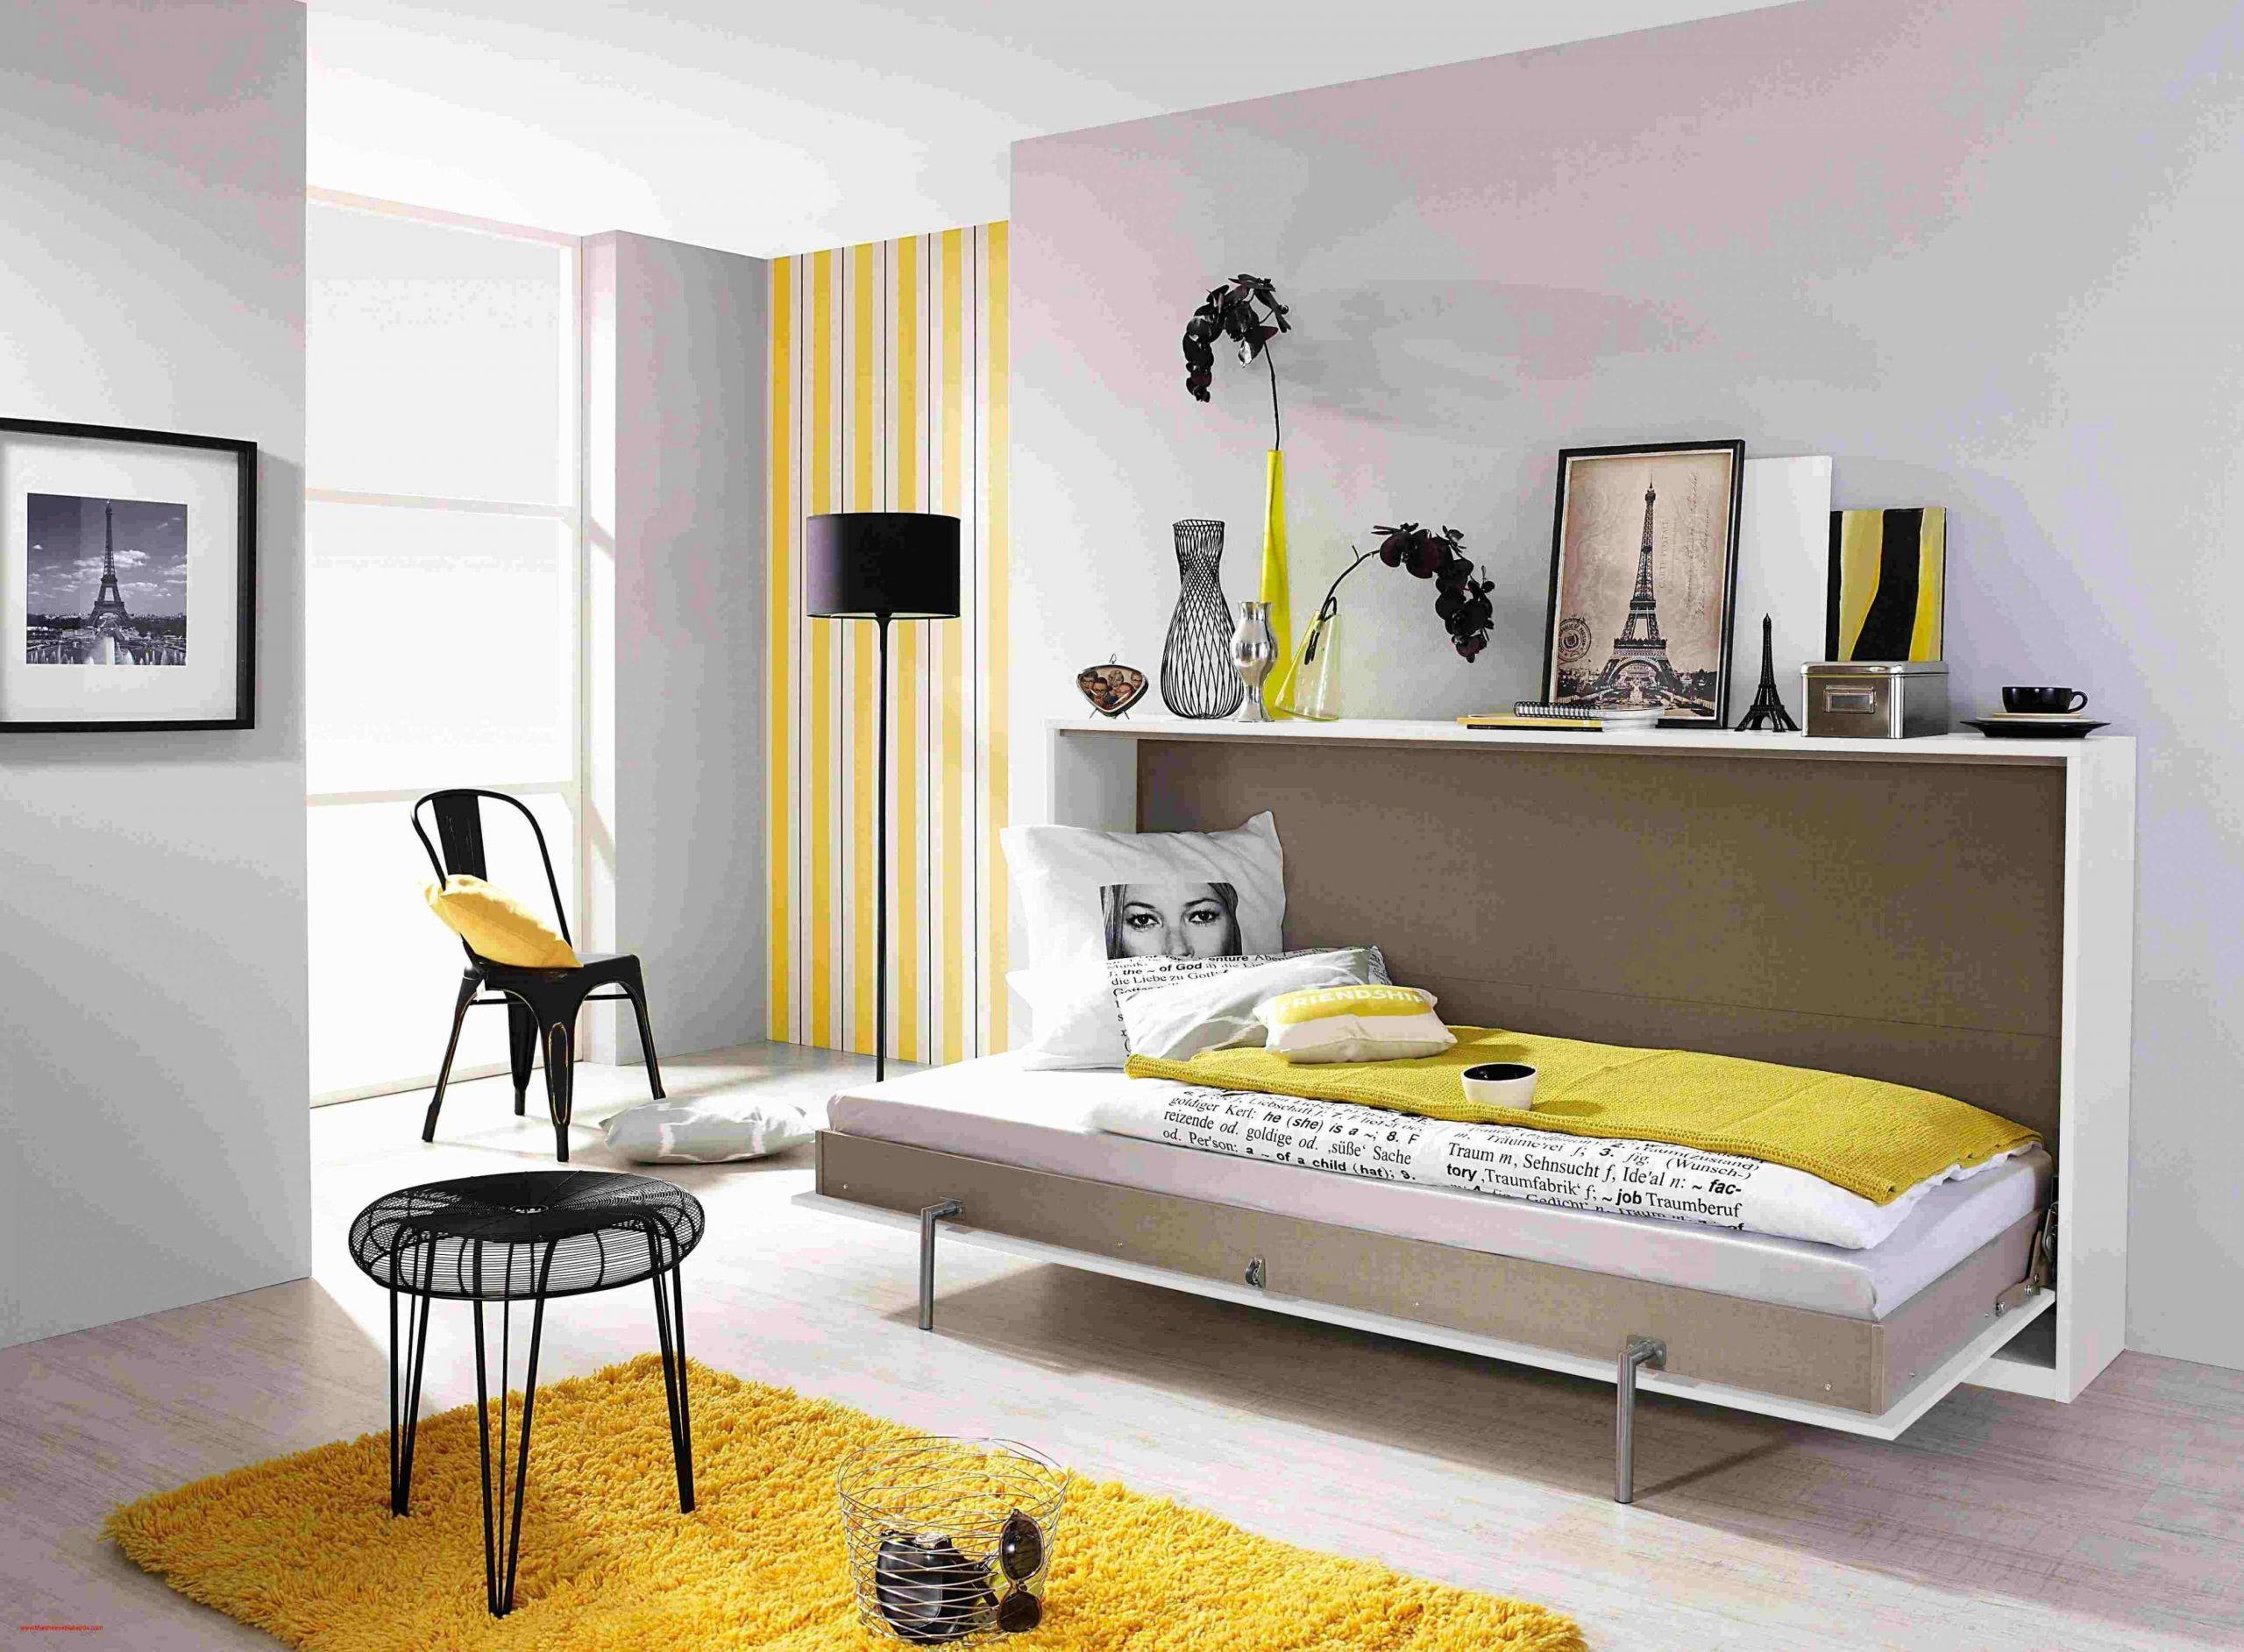 landhausstil einrichten tipps inspirierend 30 beste von einrichtung landhausstil dekoration ideen of landhausstil einrichten tipps